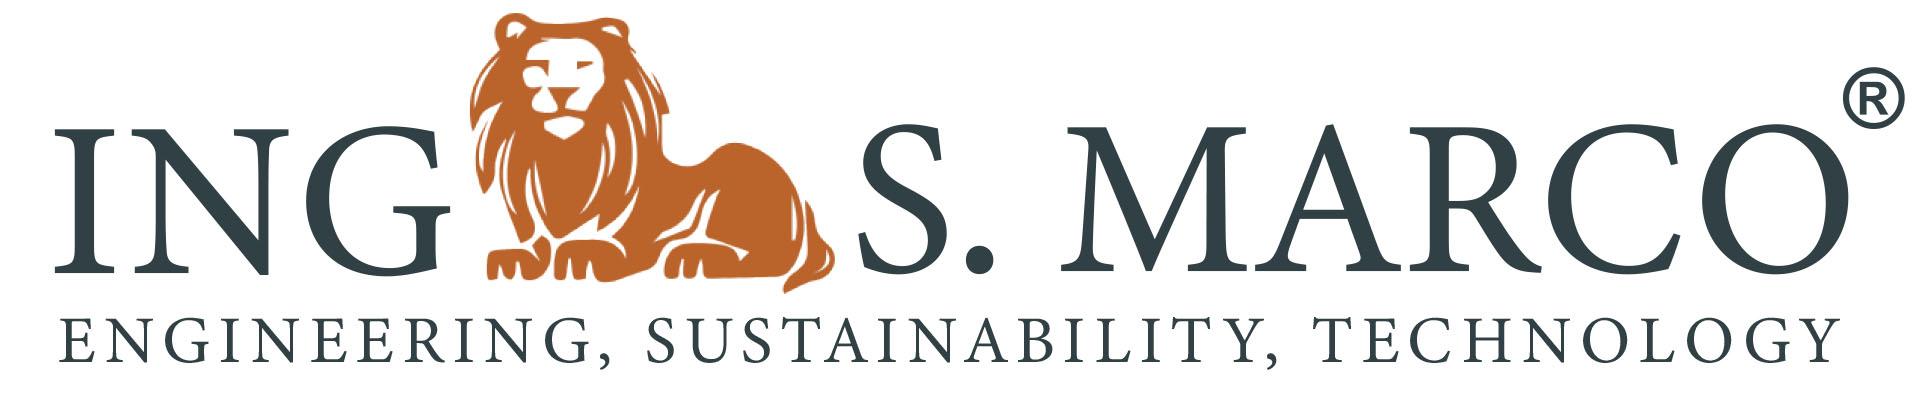 Engineering, Sustainability, Technology